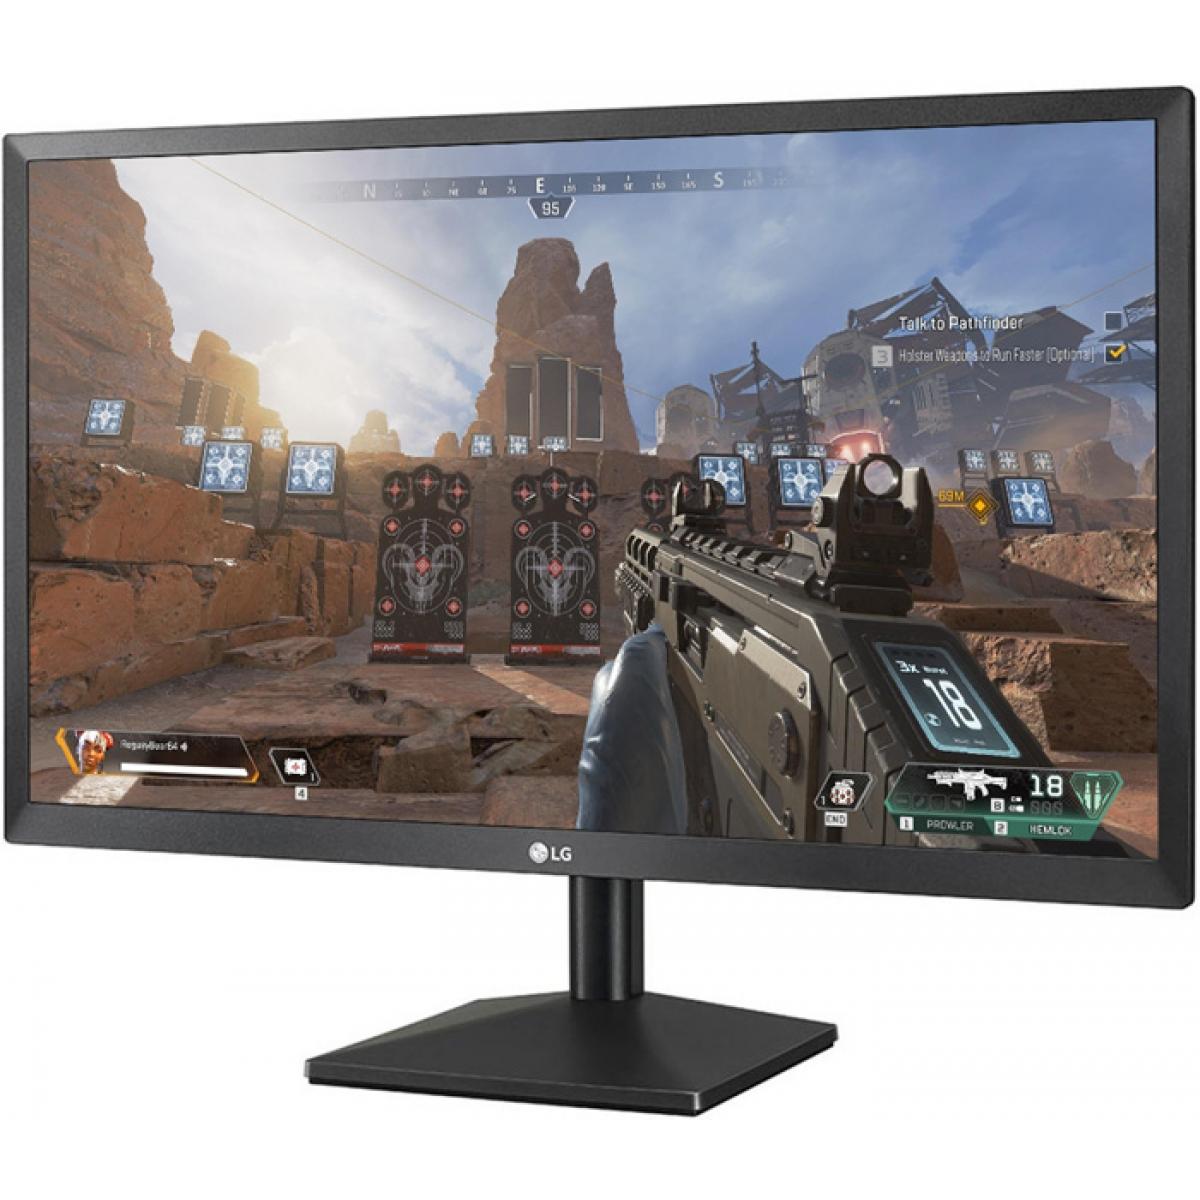 Monitor Gamer LG 21.5 Pol, Full HD, HDMI, AMD FreeSync, 22MK400H-B